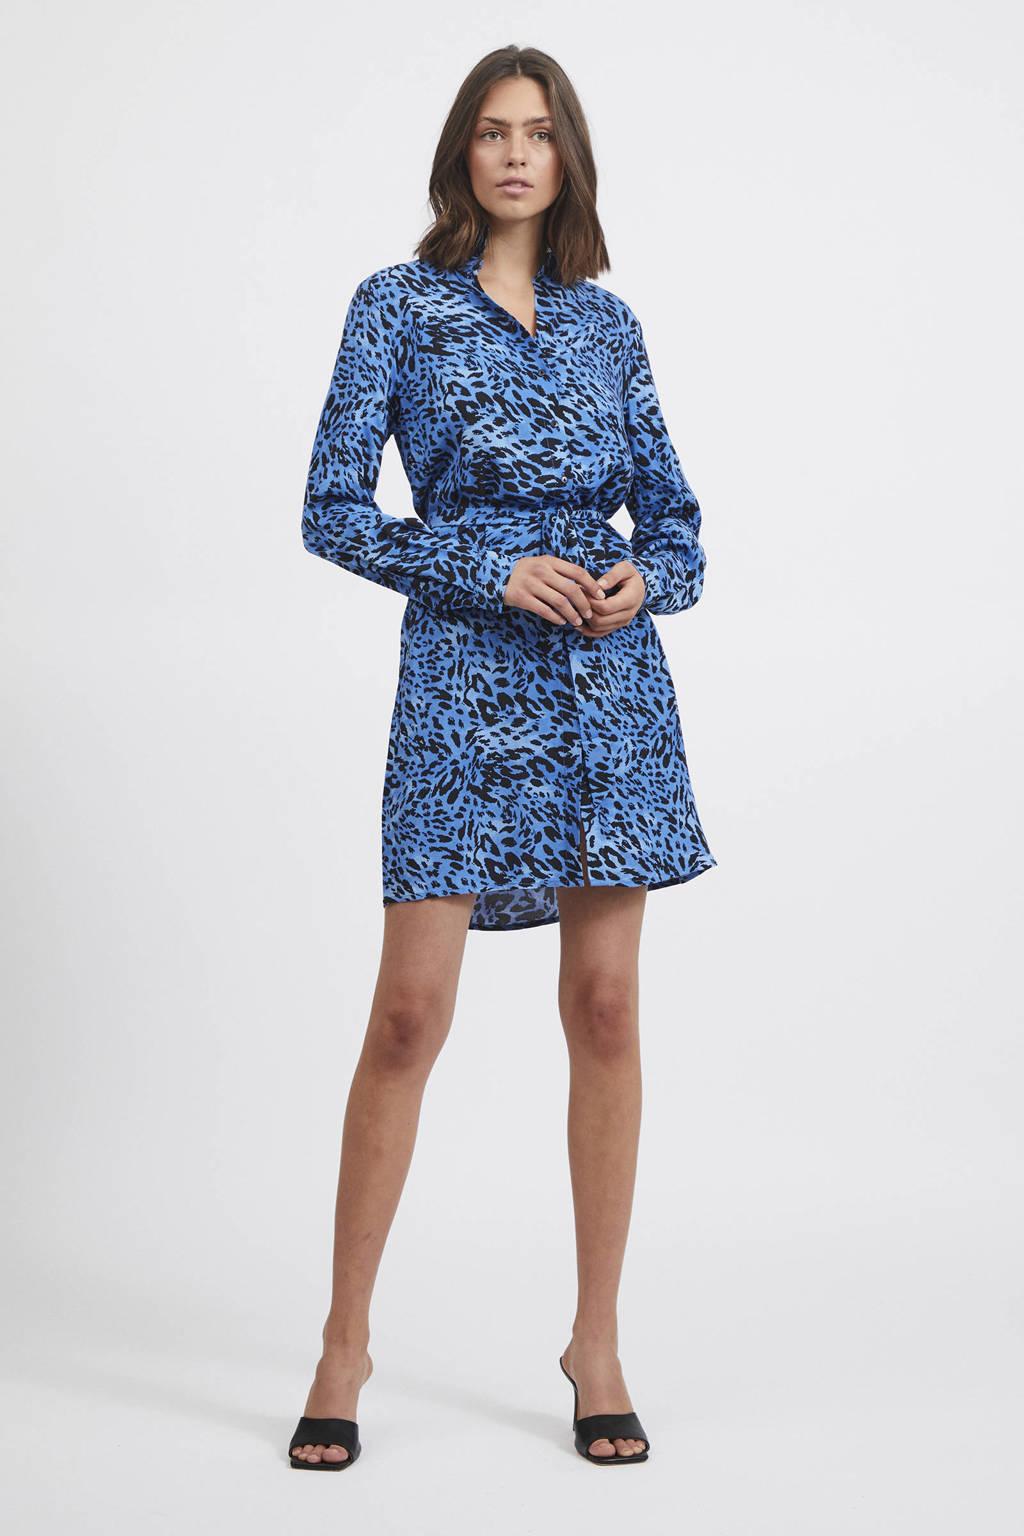 VILA blousejurk VILEOA met panterprint en ceintuur blauw/zwart, Blauw/zwart